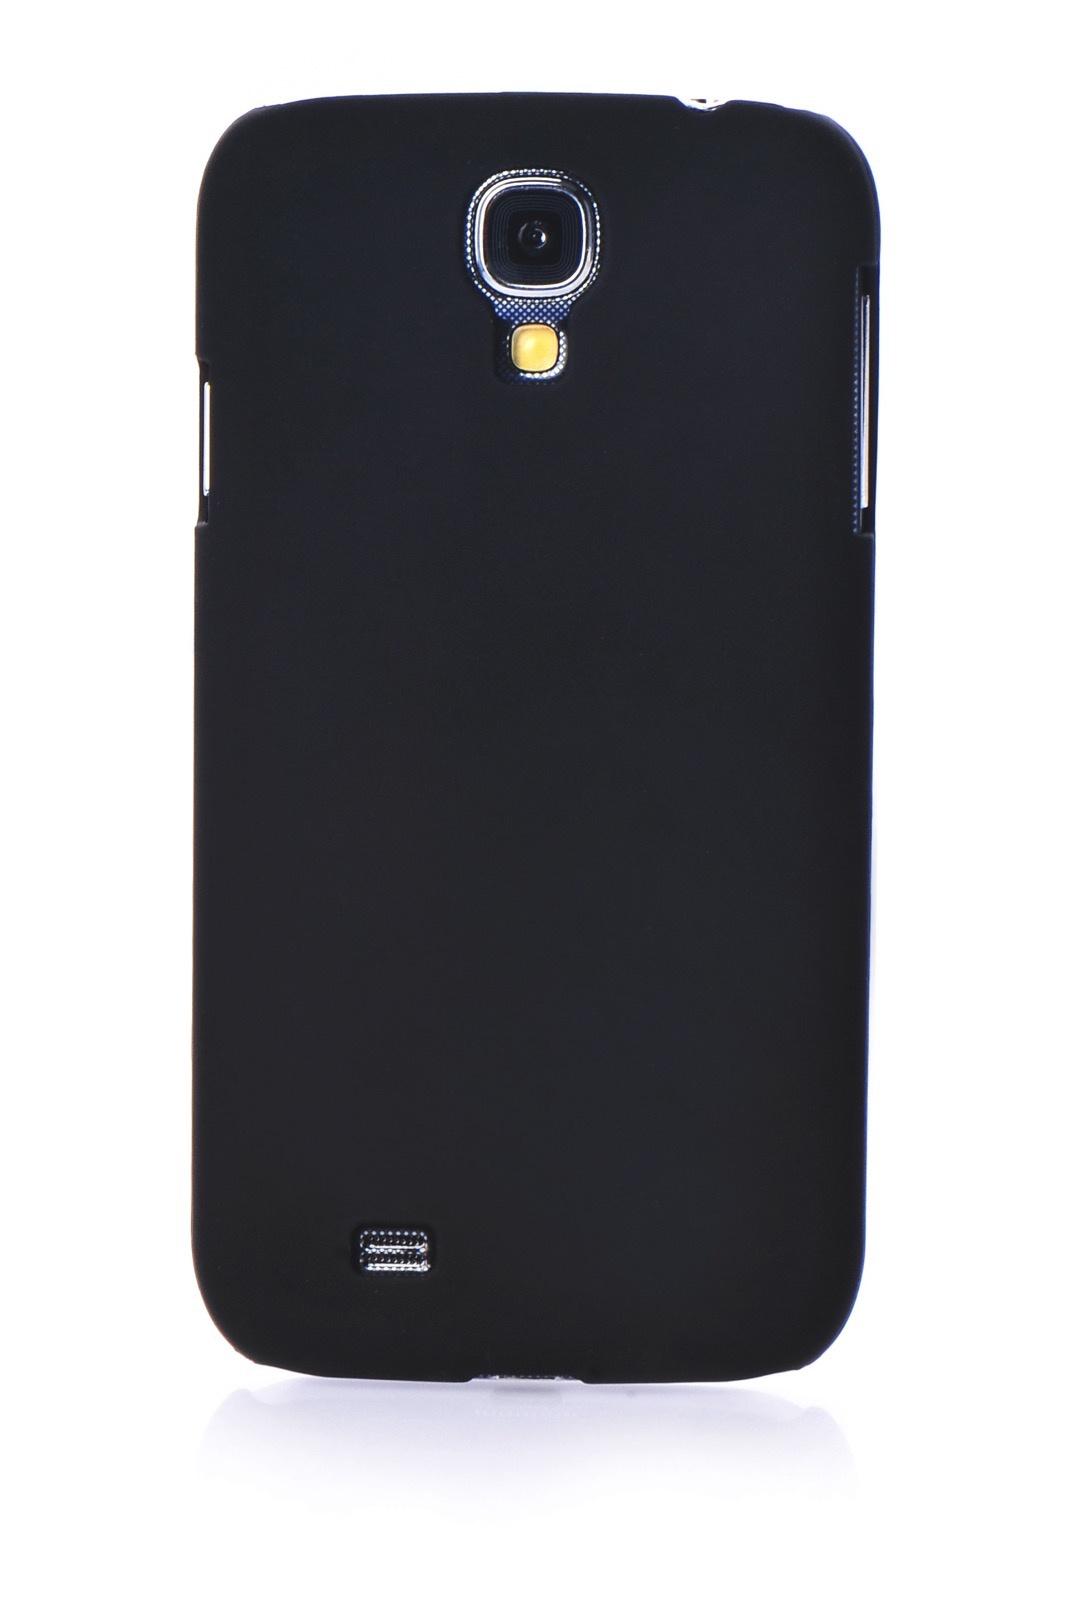 Чехол для сотового телефона Gurdini накладка пластик Soft touch 450088 для Samsung S4, черный